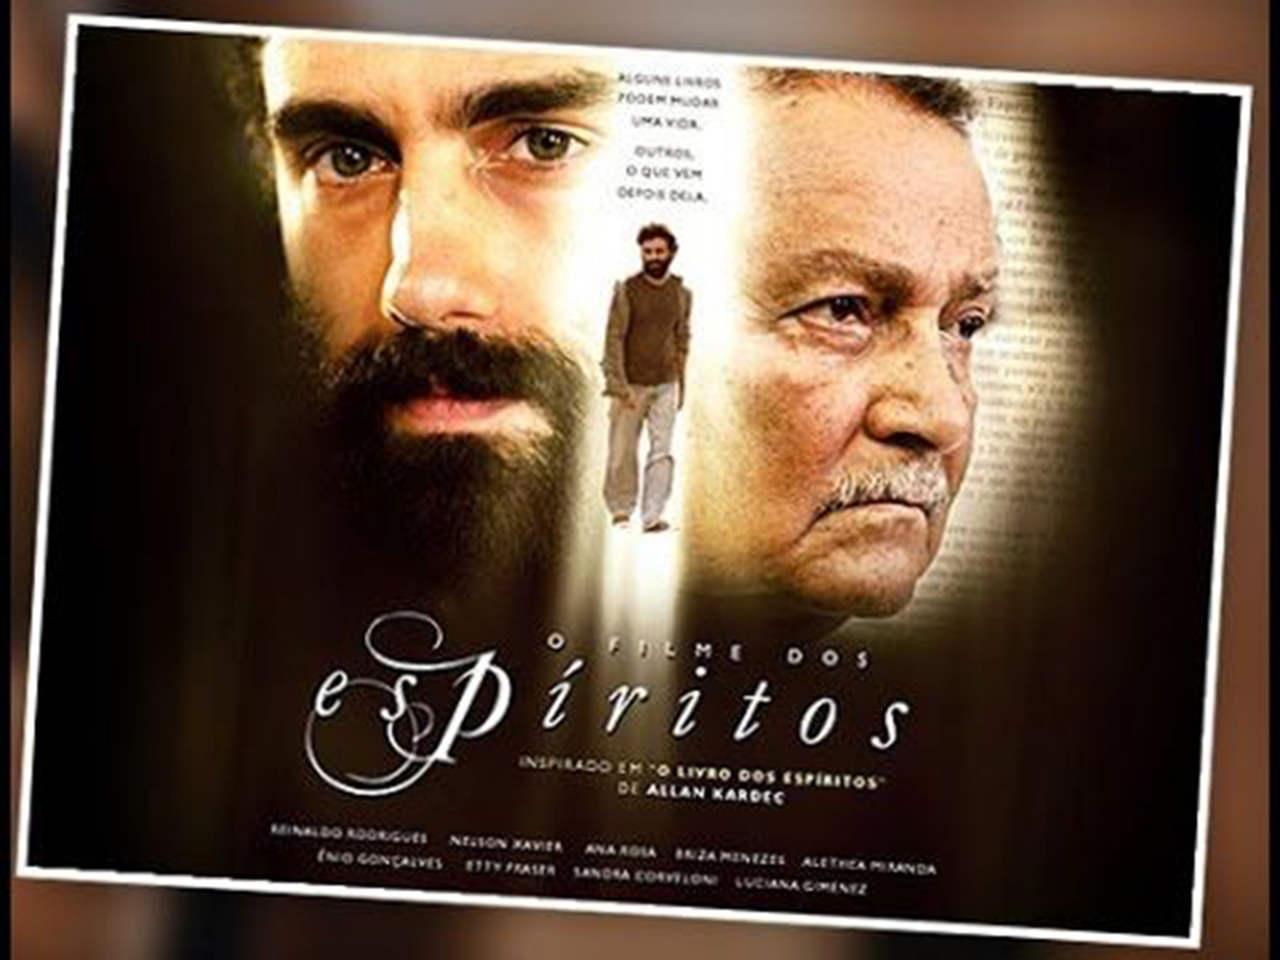 Filme dos Espíritos: assista agora gratuitamente pelo YouTube